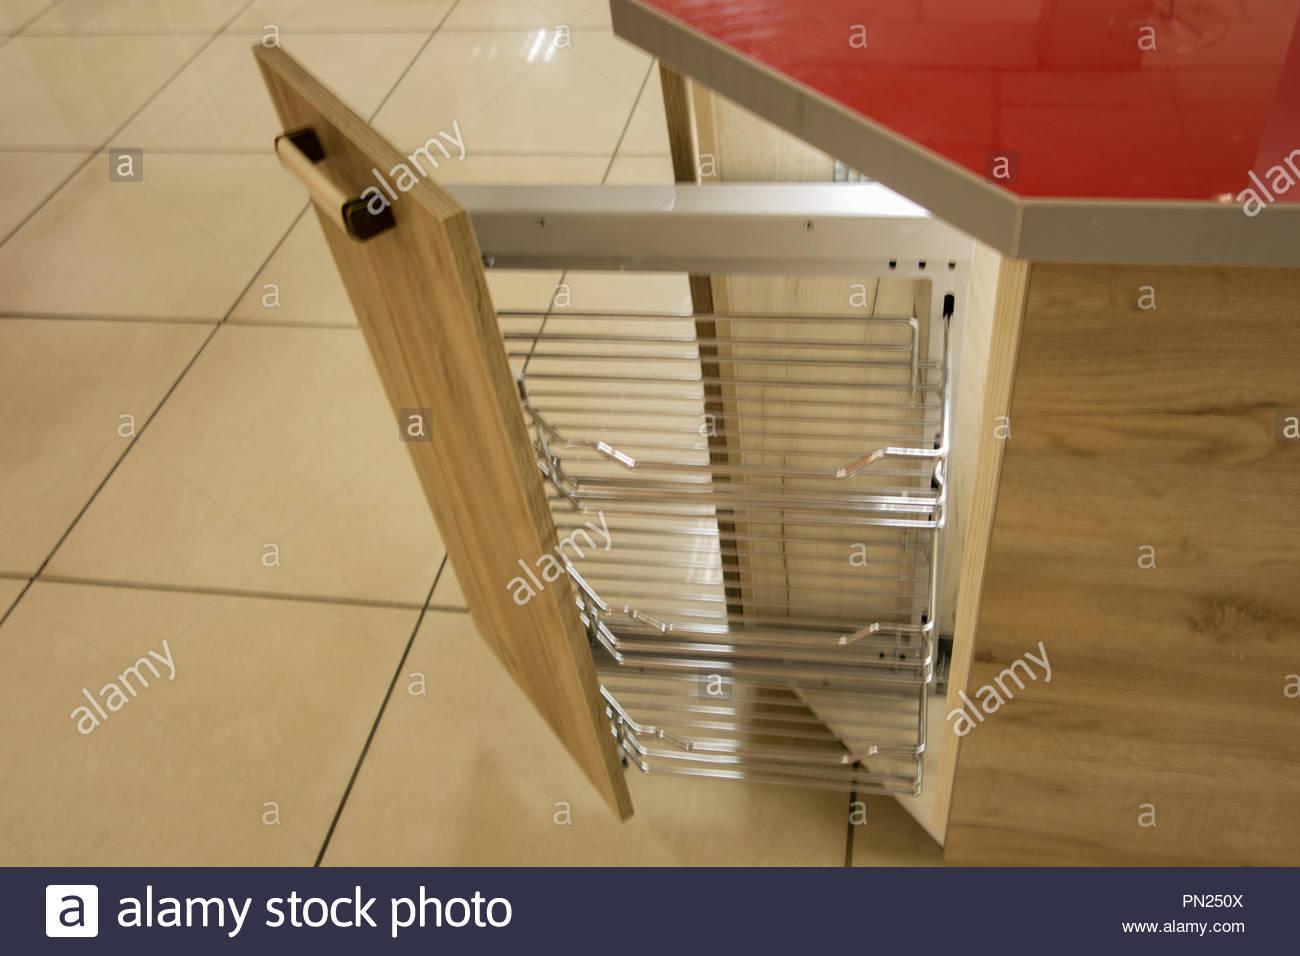 Full Size of Bad Unterschränke Unterschrank Holz Küche Spüle Doppel Mülleimer Eckunterschrank Dusche Unterputz Armatur Badezimmer Einbau Bett Mit Unterbett Wohnzimmer Mülleimer Unter Spüle